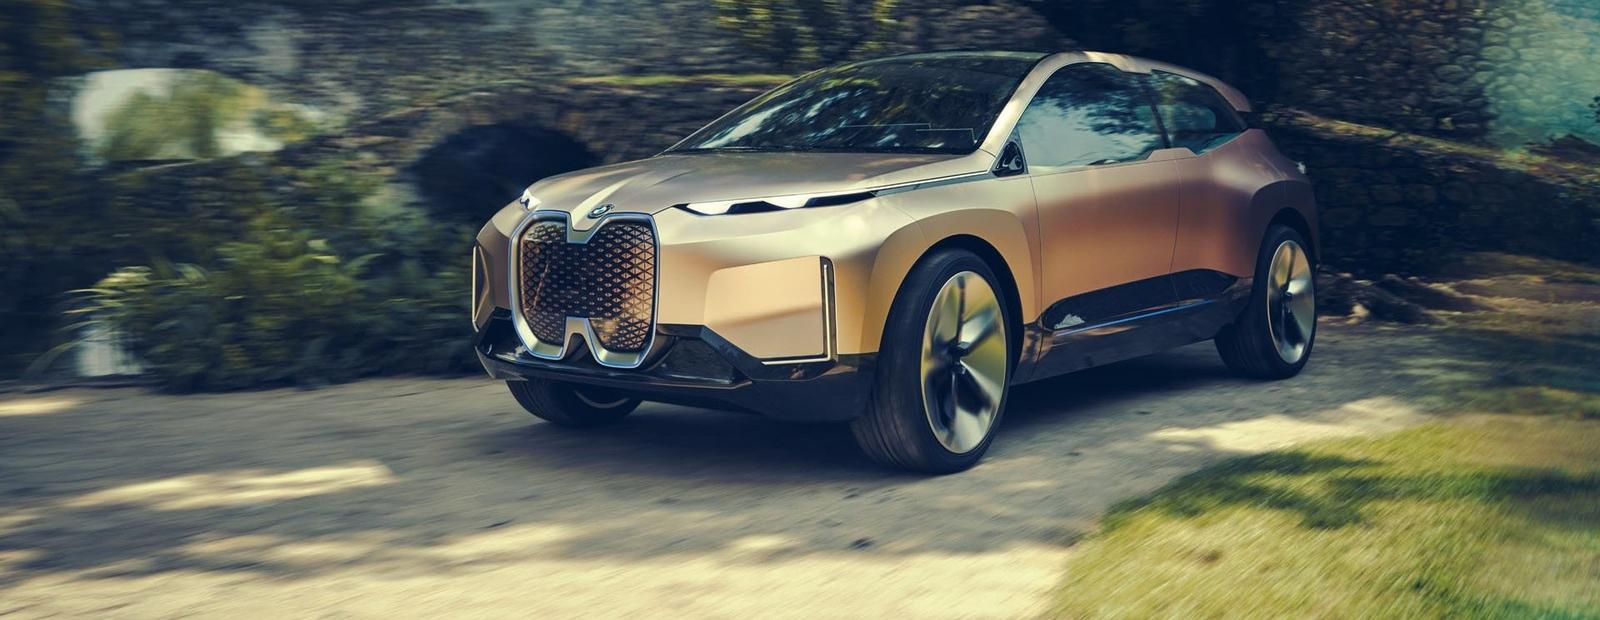 У BMW появился электрический кроссовер с автопилотом